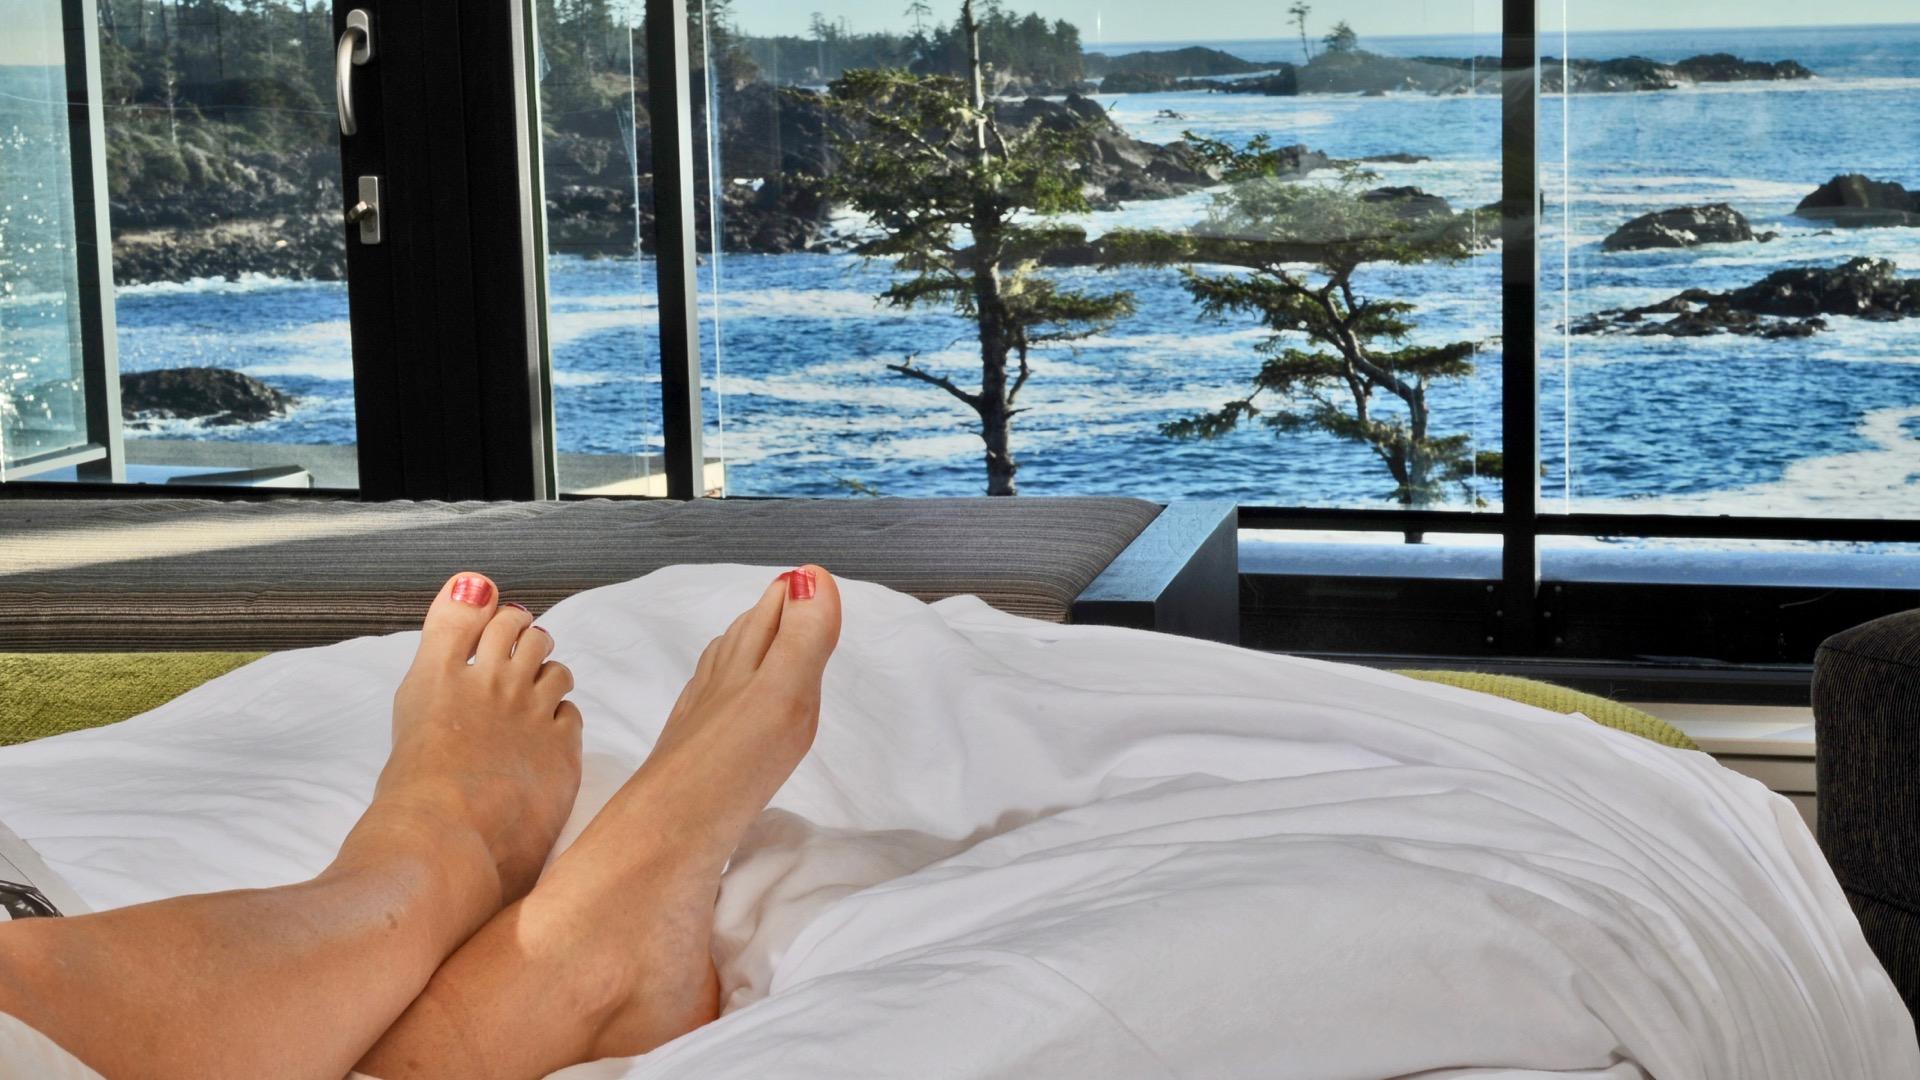 Drift Spa, Black Rock Oceanfront Resort, Spas of America